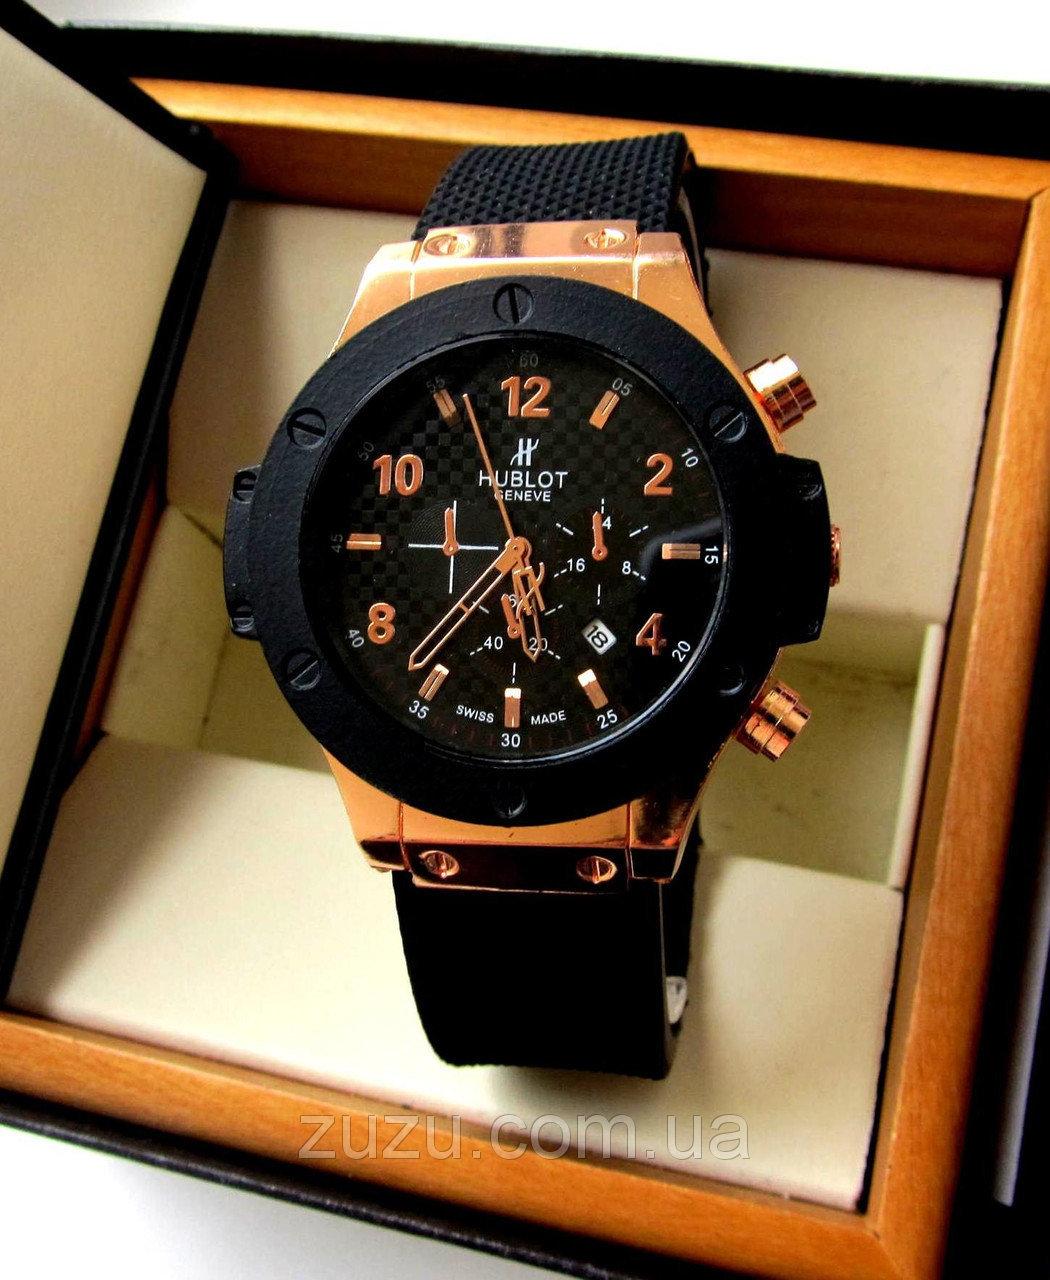 Элитные часы HUBLOT в Отрадном. Купить женские и мужские наручные часы  бренда Хублот по Подробнее cd629a09451